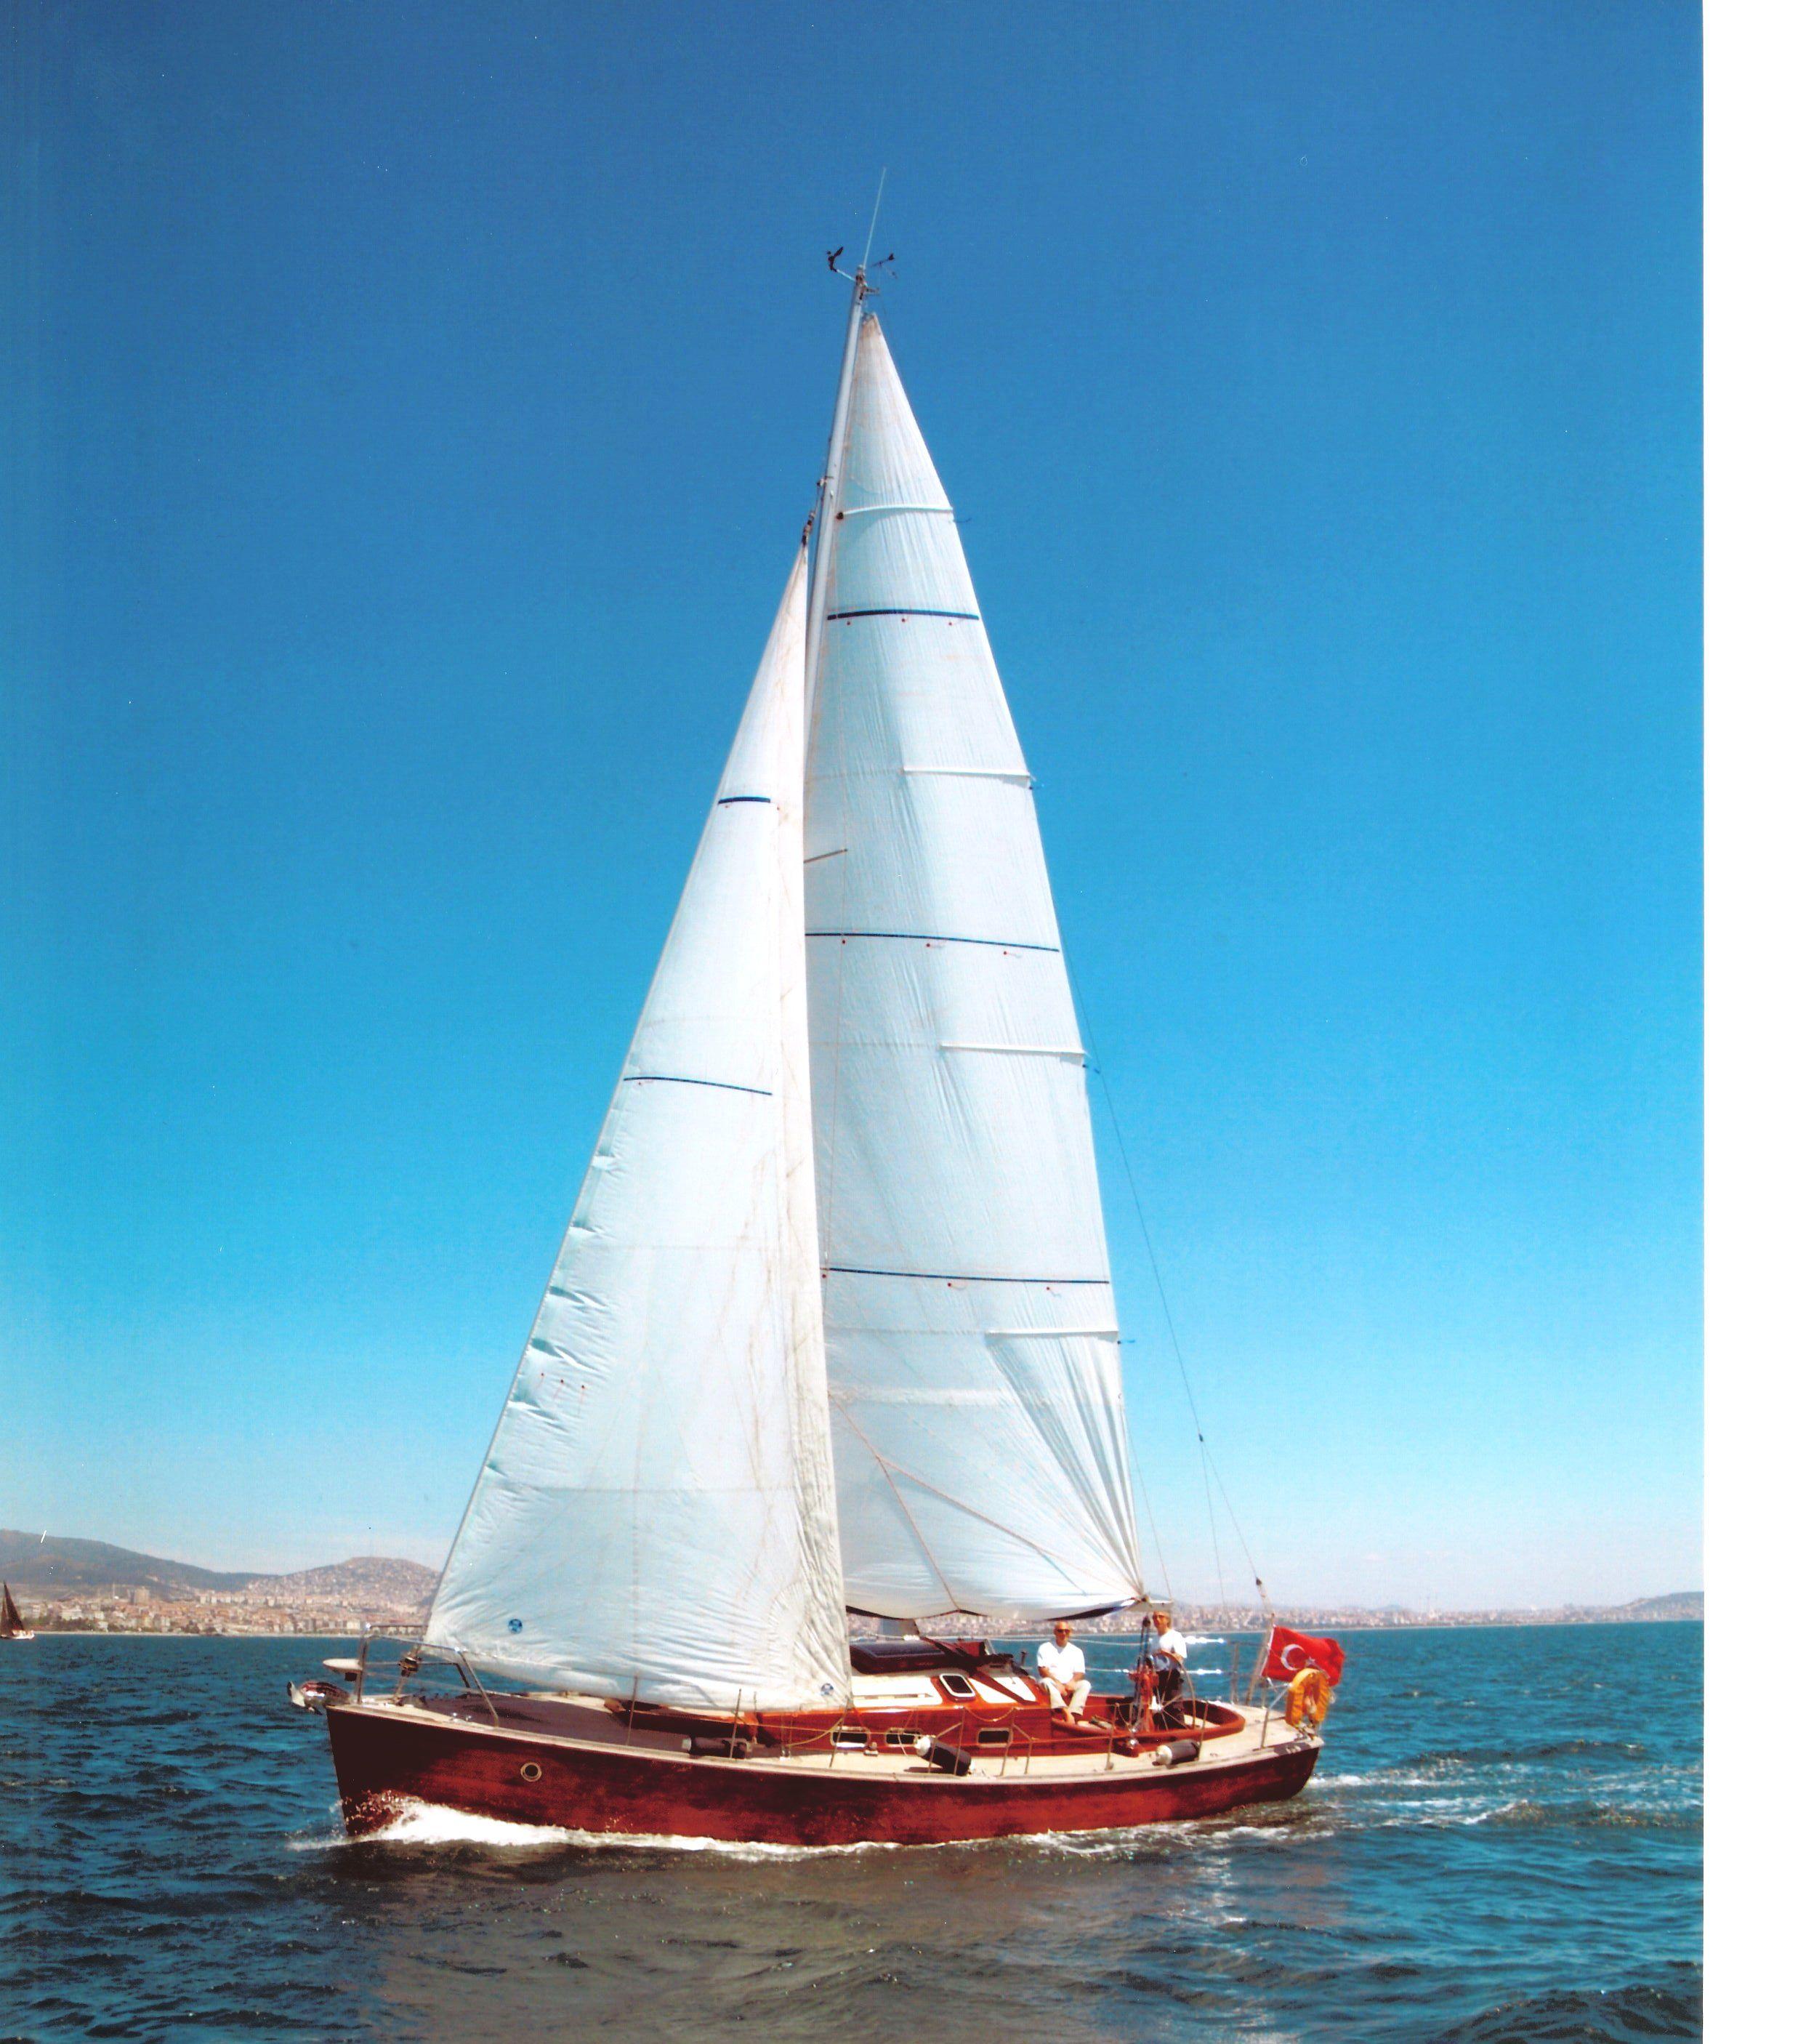 Фото яхты с парусами небольшие